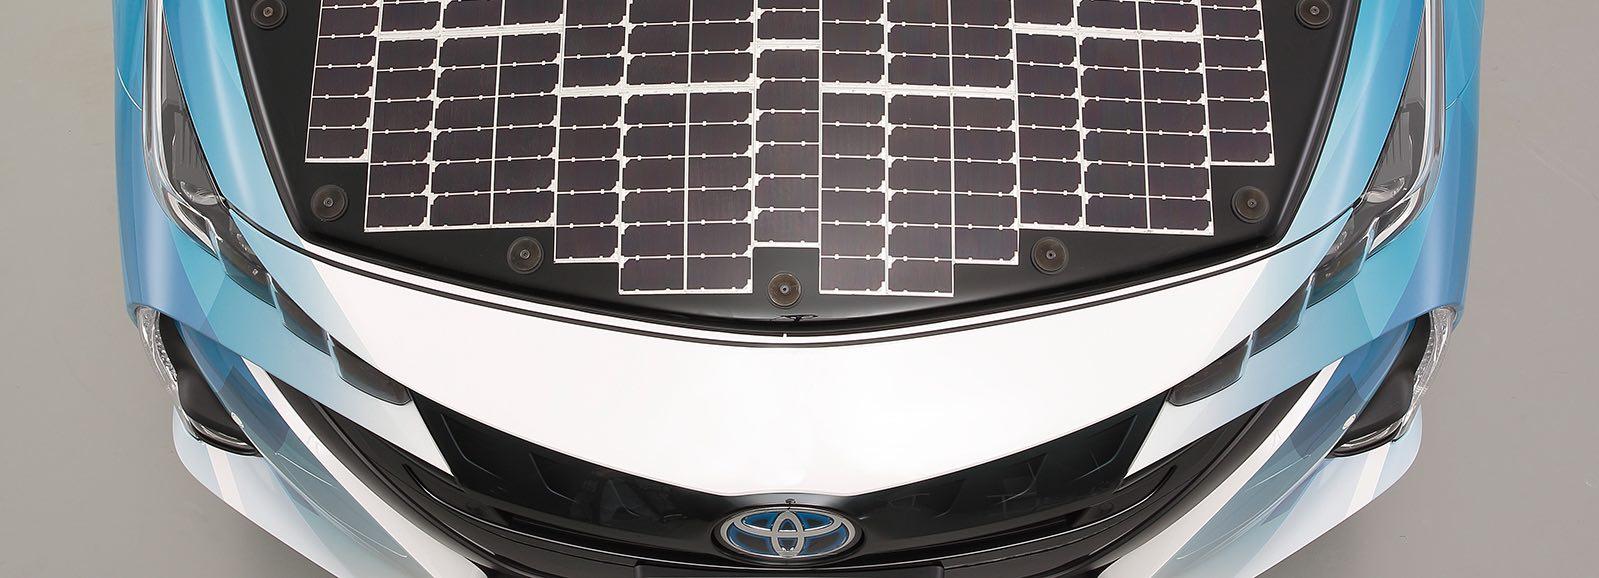 Solárny panel na kapote auta